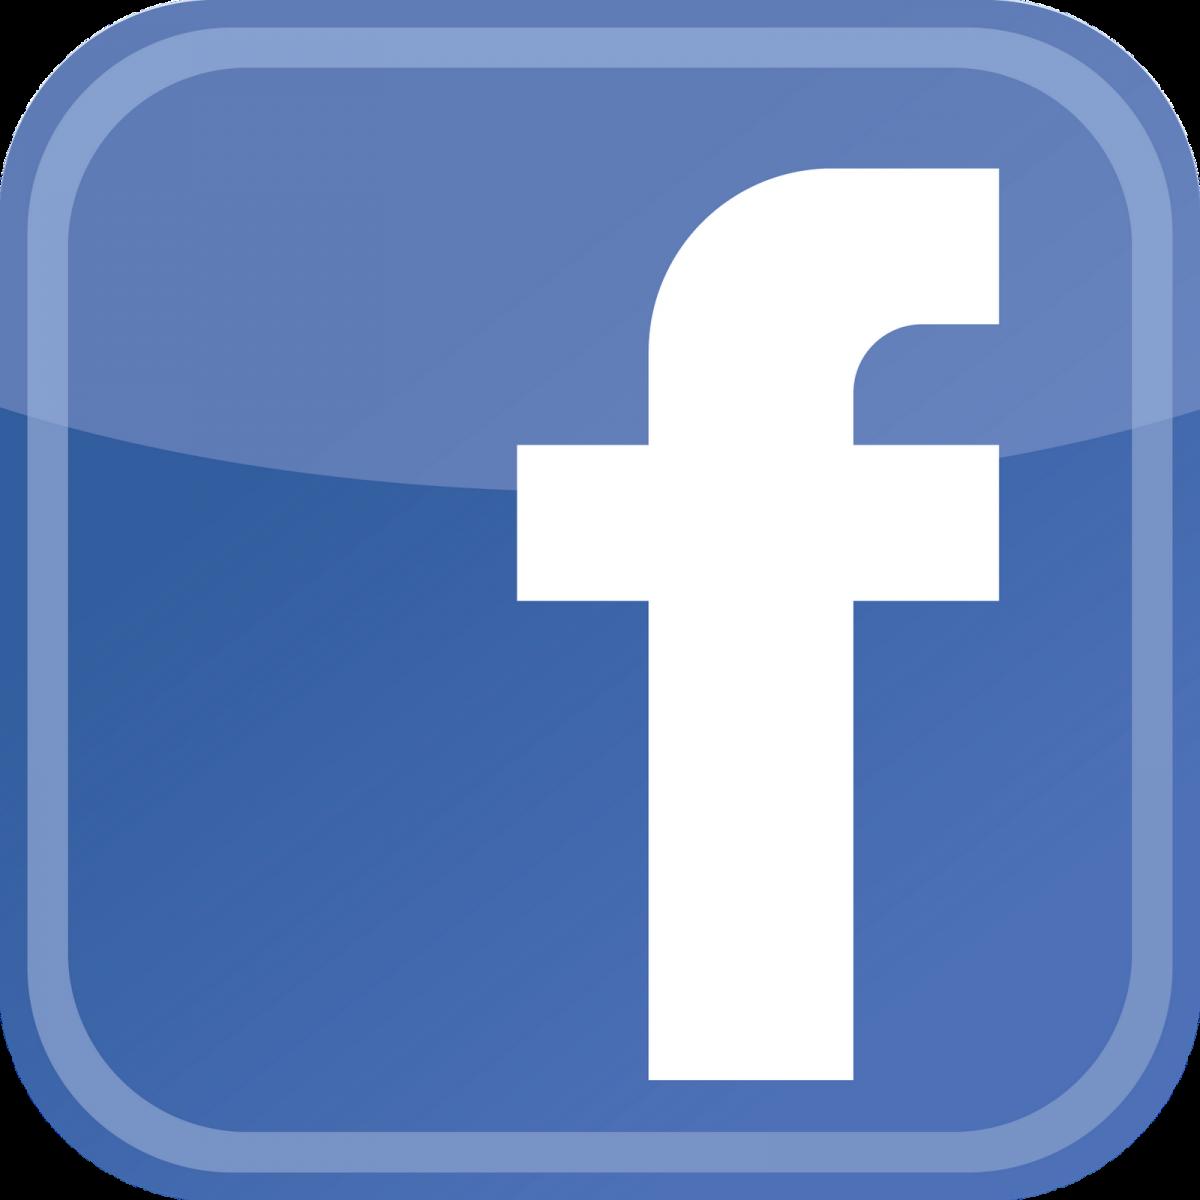 Oak Hammock K8 Facebook Page